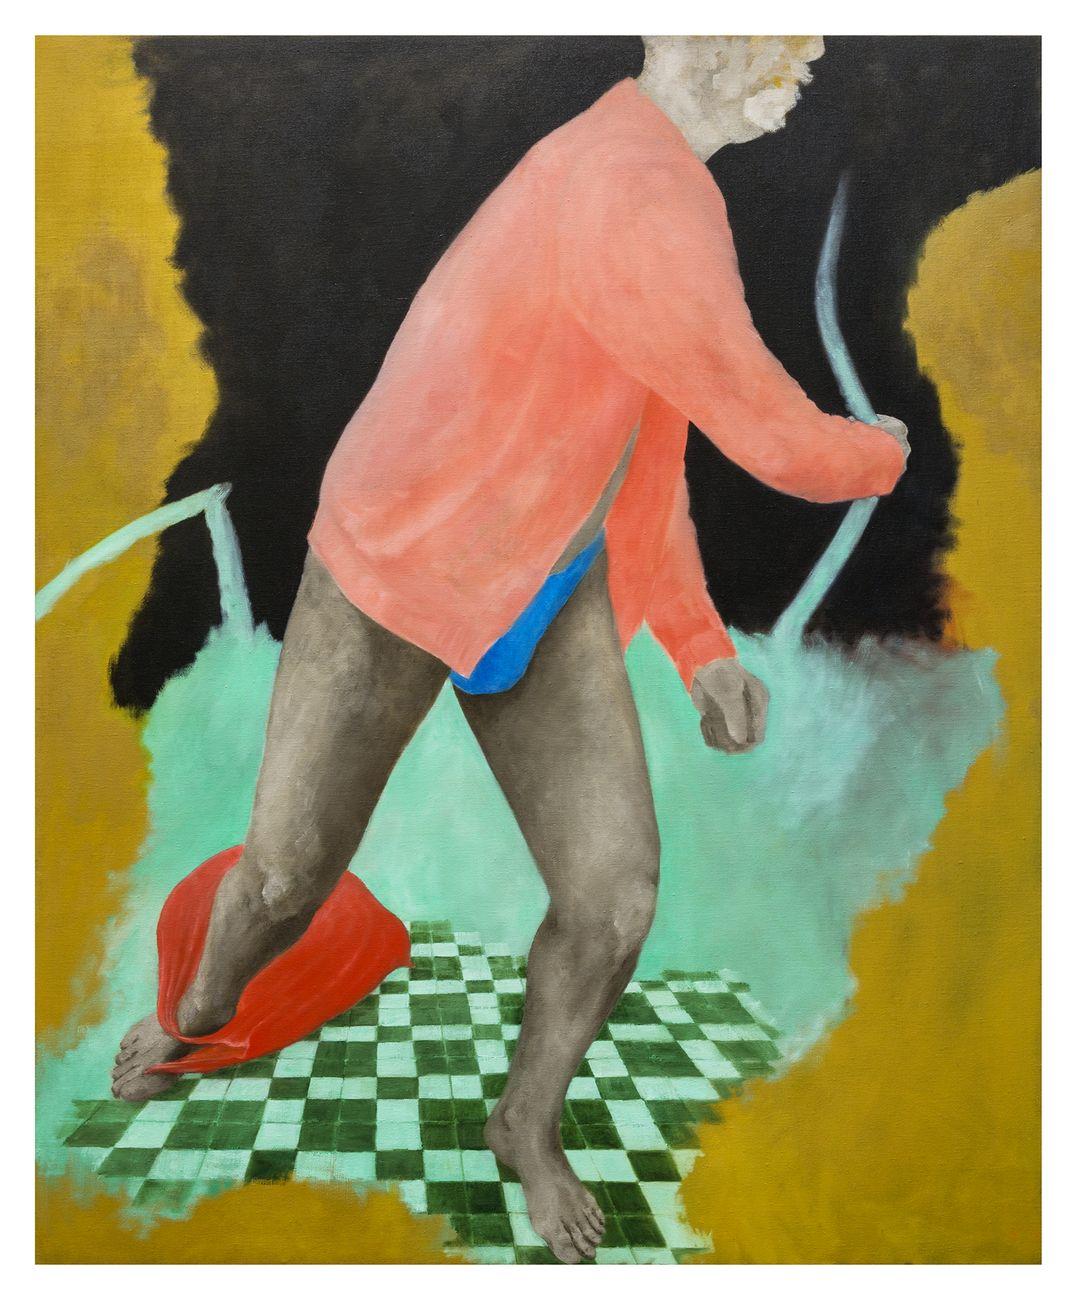 Andrea Respino, Rosa ritorto, 2019, olio su tela, 136 x 110 cm. Photo Beppe Giardino